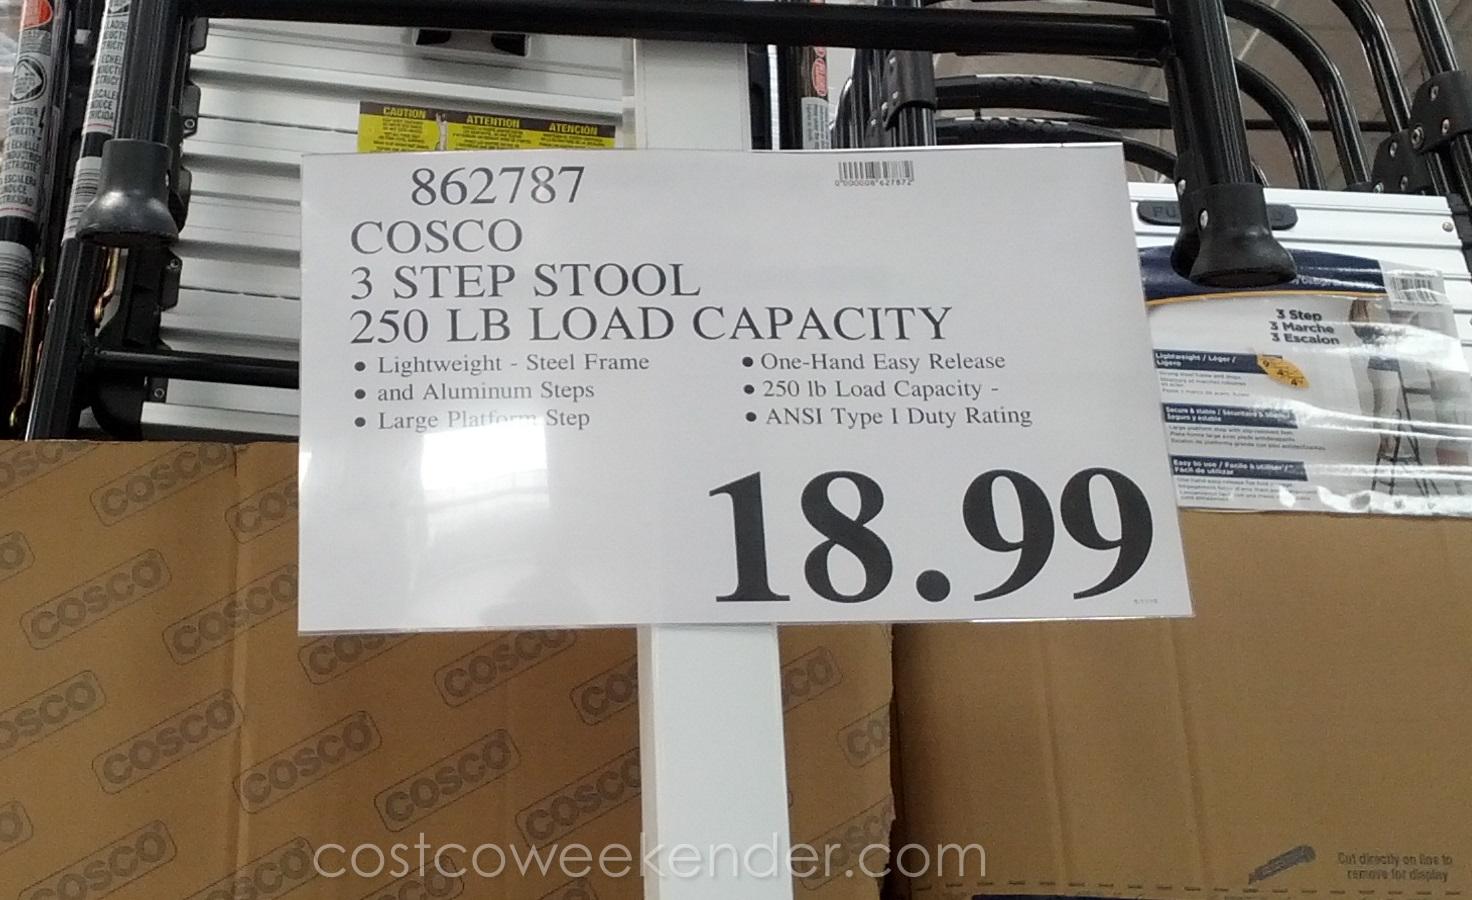 Cosco 3 Step Stool Costco Weekender